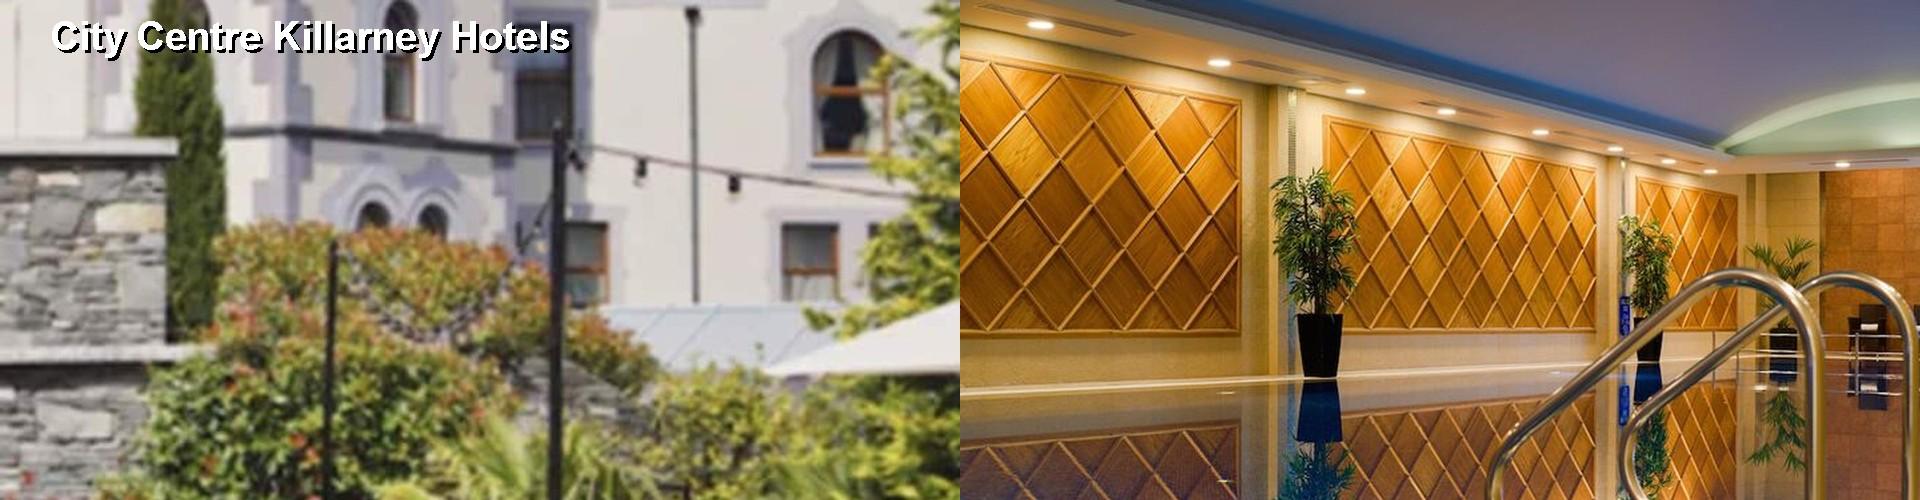 Hotels Near City Centre Killarney In Kerry